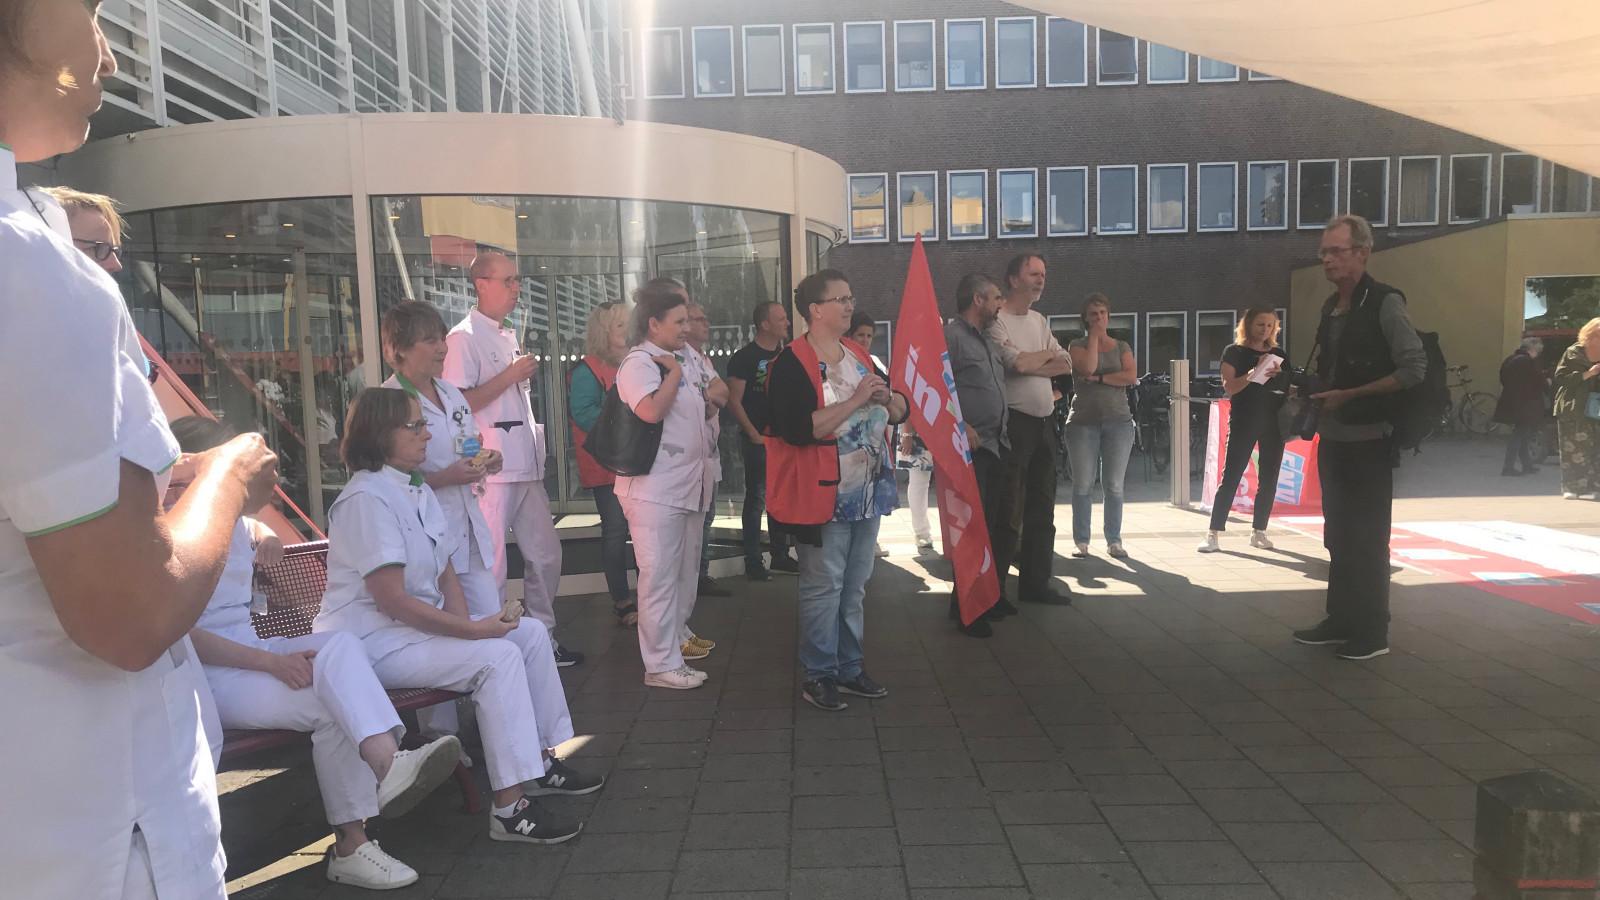 NH Nieuws/Bart van Zutphen